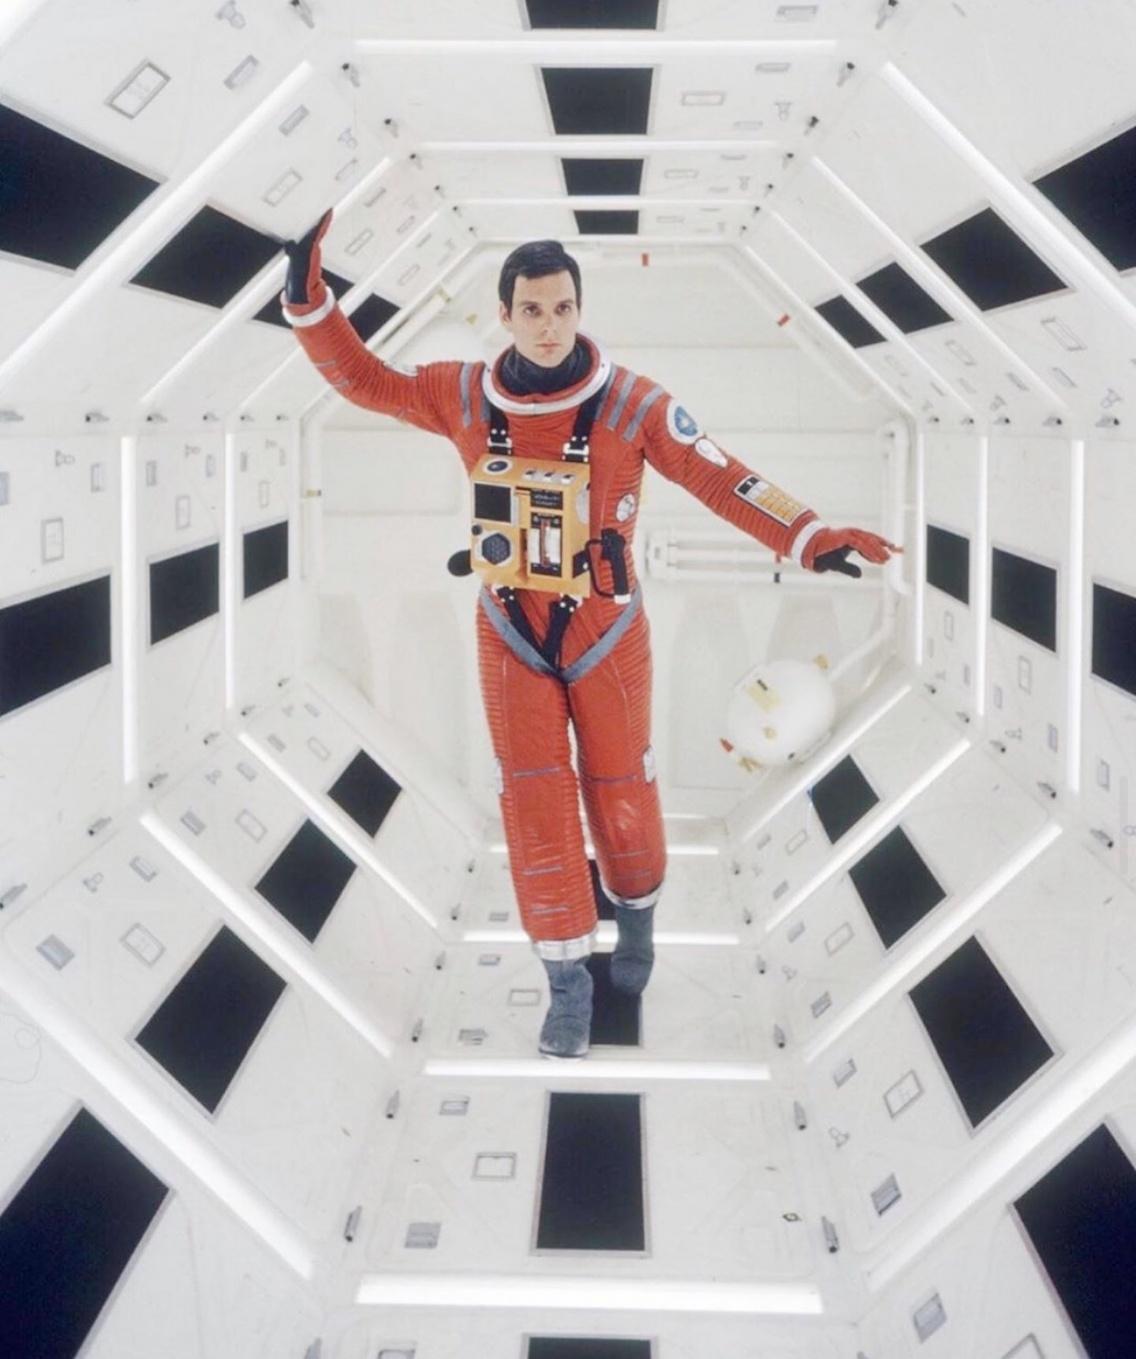 2001: a space odyssey'deki astronot kıyafeti rekor fiyata satıldı